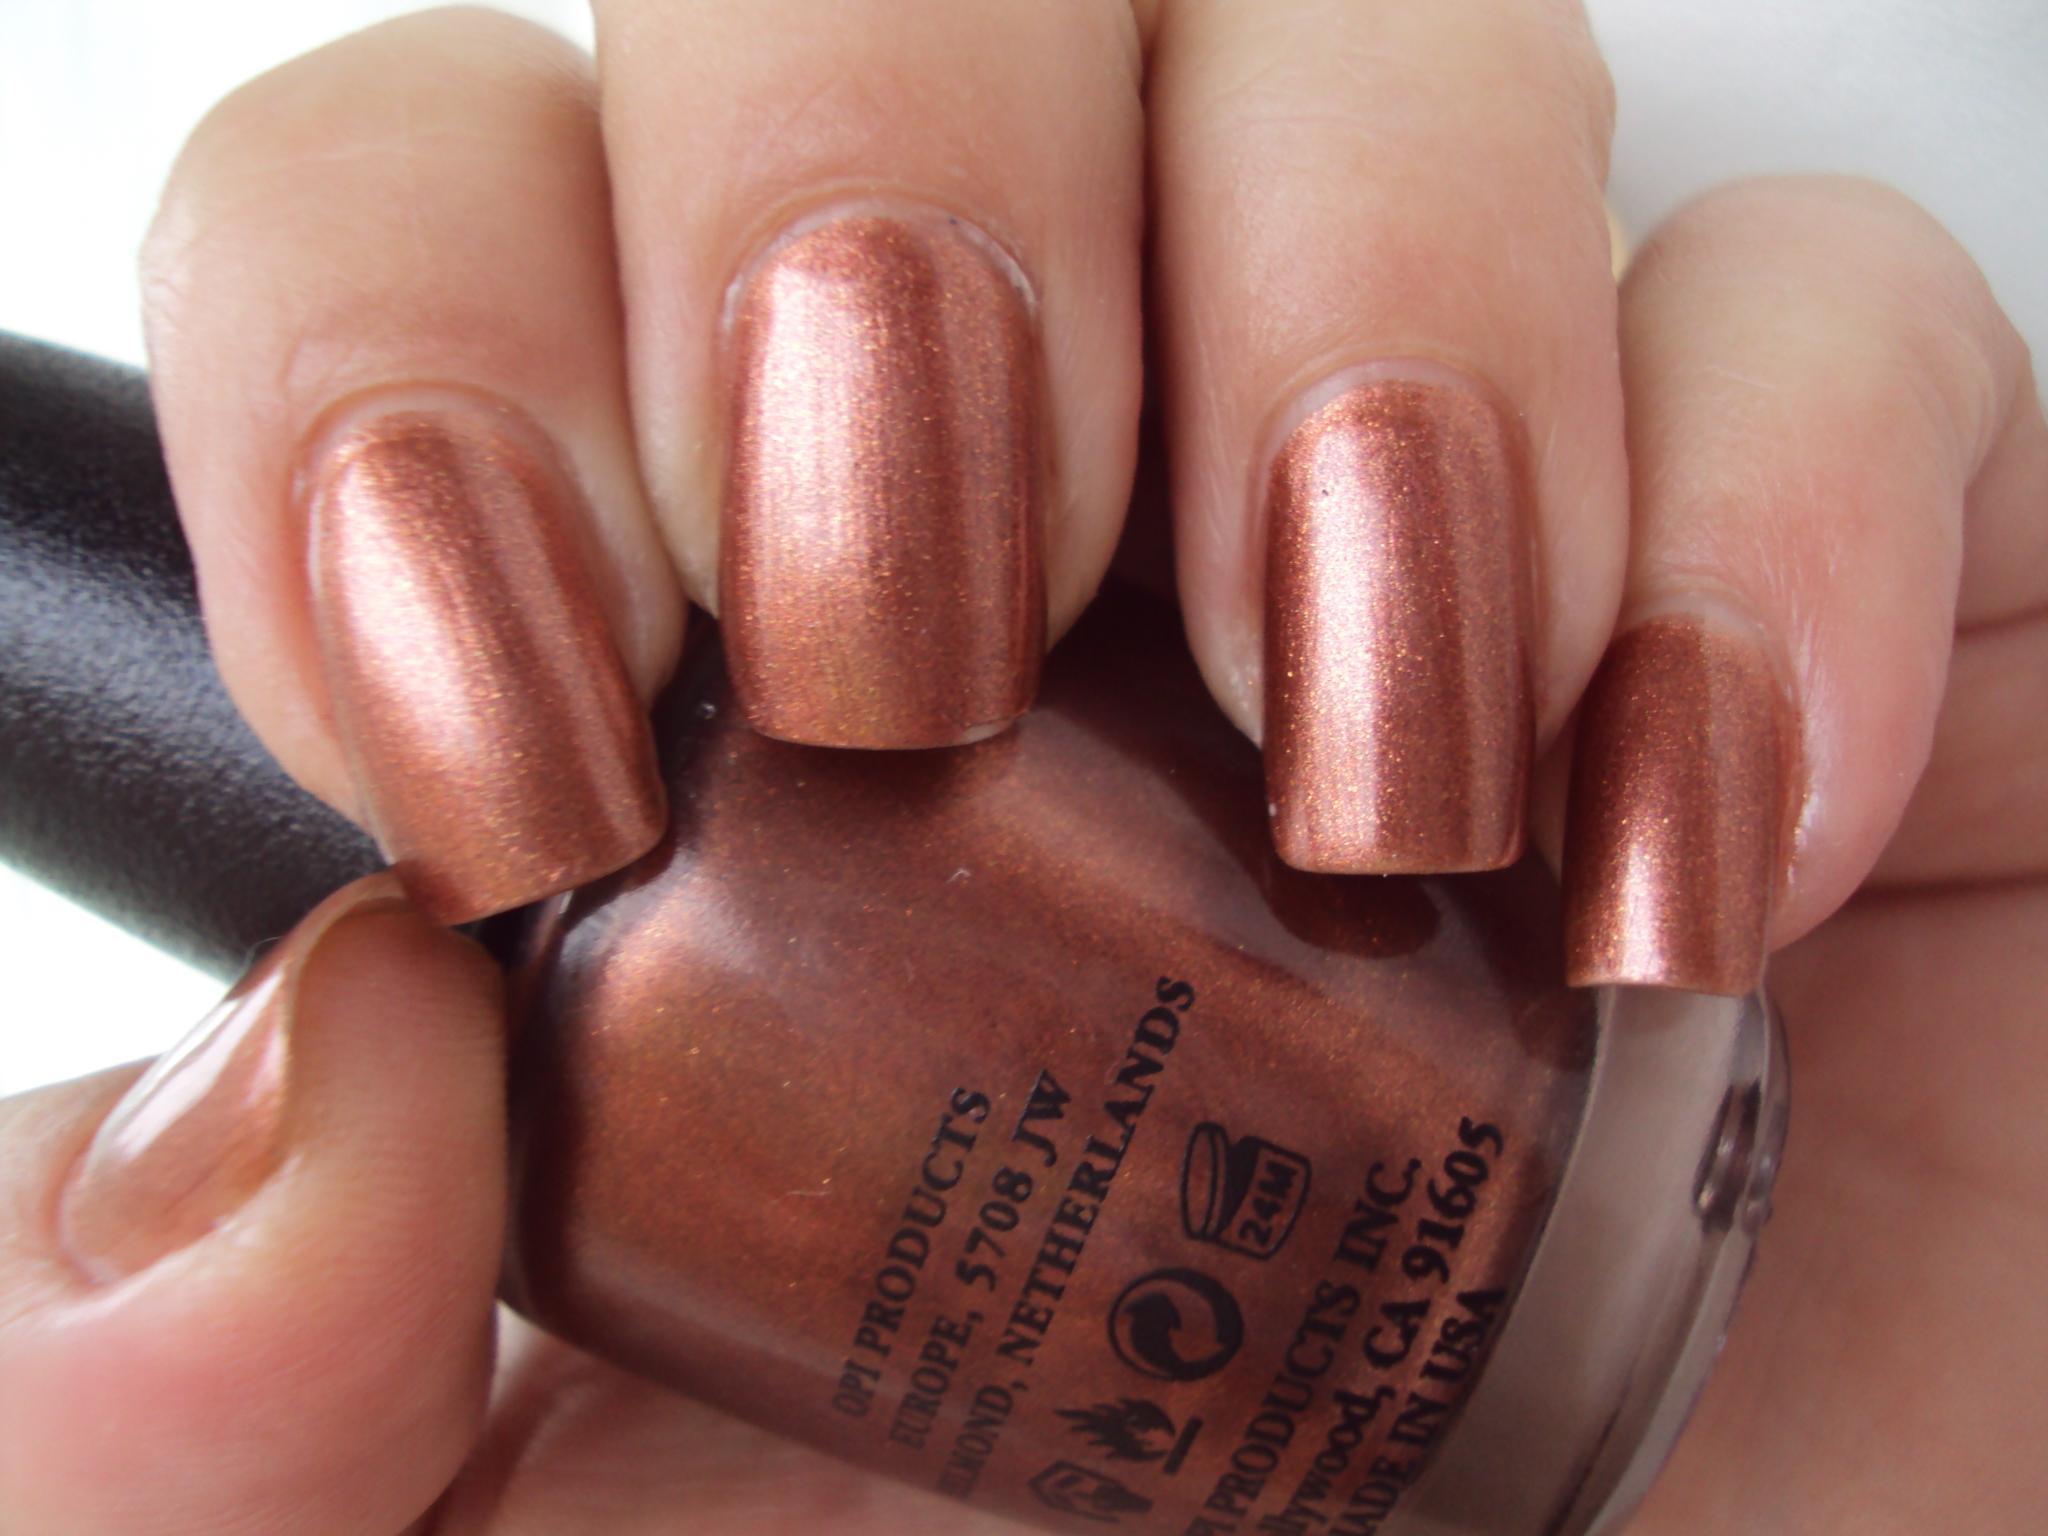 OPI - Brisbane Bronze *discontinued on Storenvy